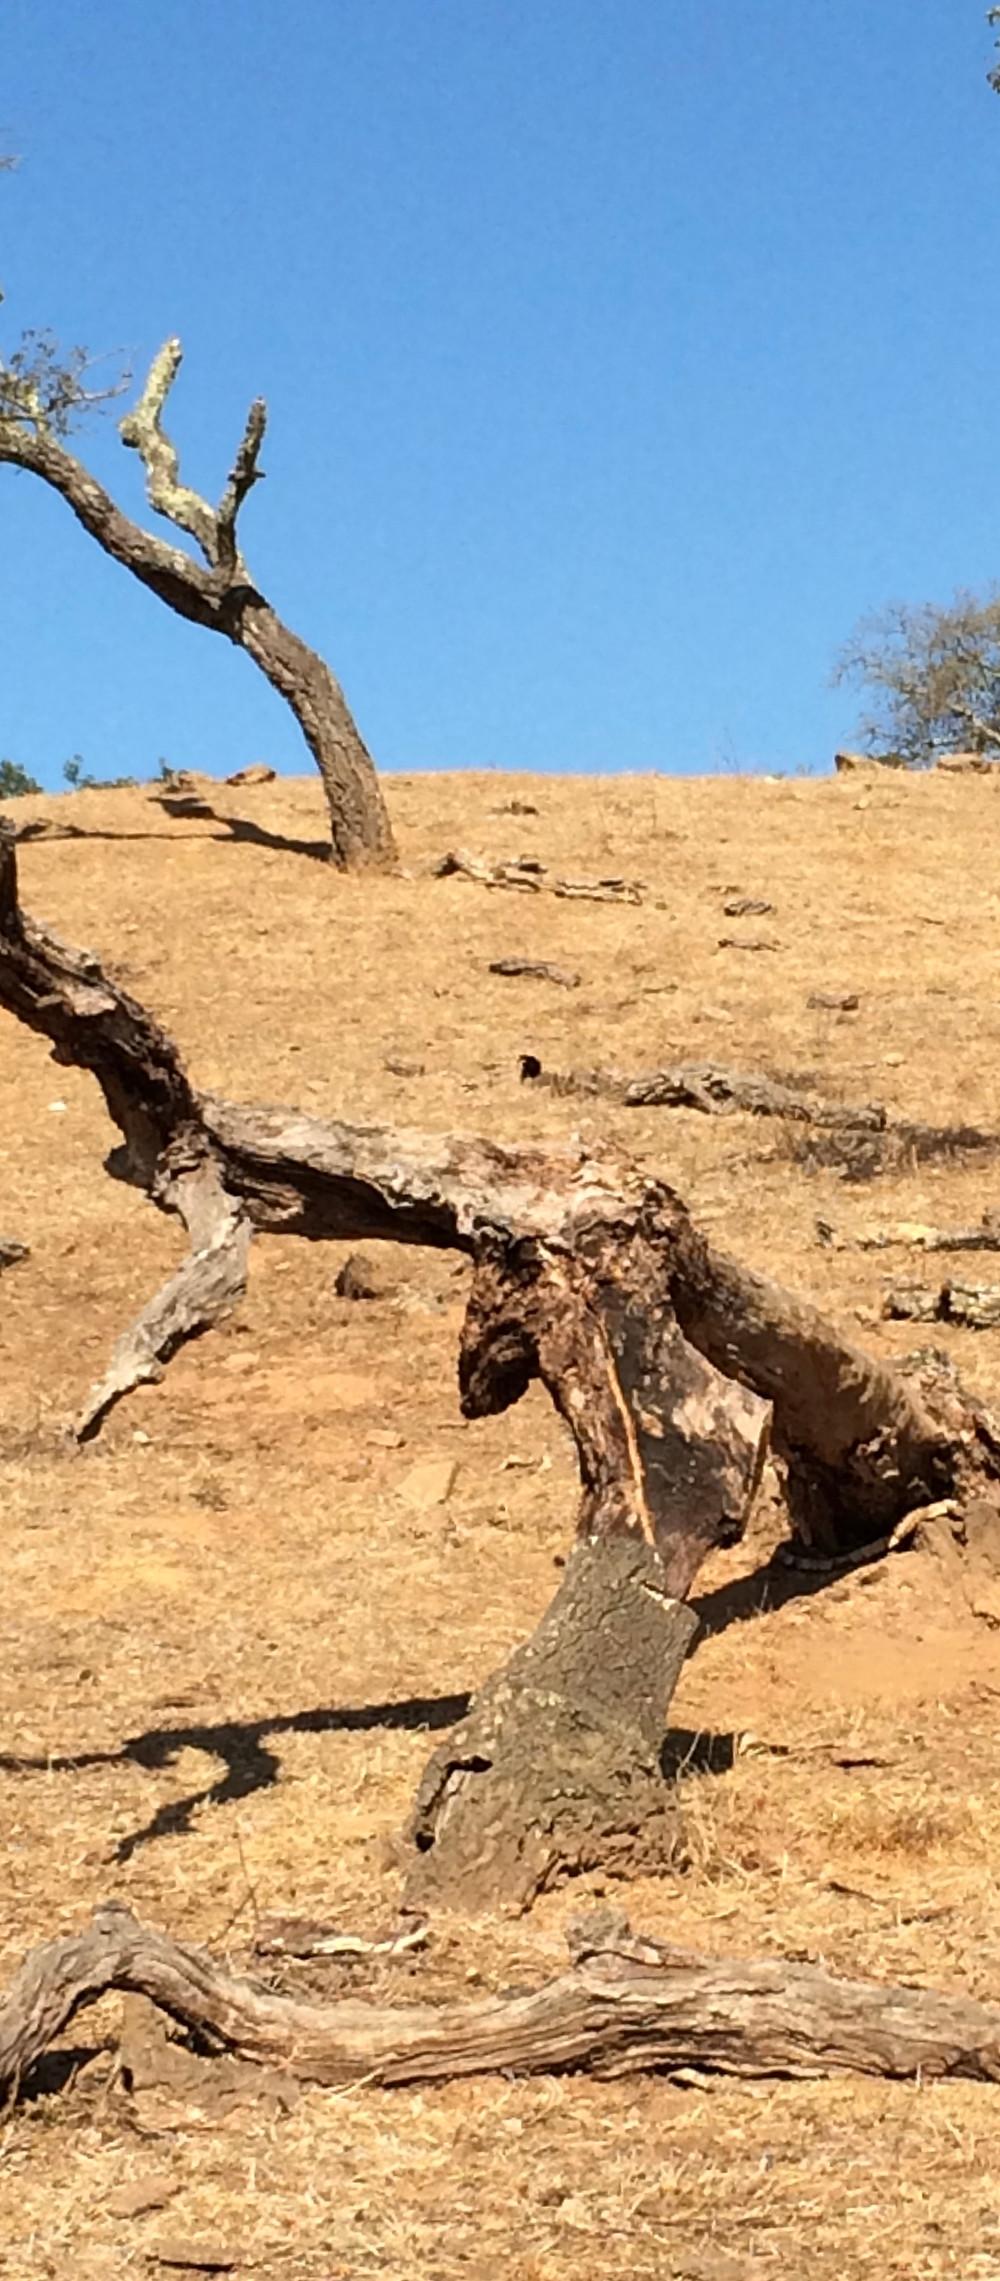 Abgestorbene Korkeiche in Portugal. Überweidung, falsches Wassermangement und das ständige pflügen haben diesen Boden verwüsten lassen. Hier fliesst das Wasser oberirdisch ab und der blanke Boden trägt zur Erwärmung der Umgebung bei.